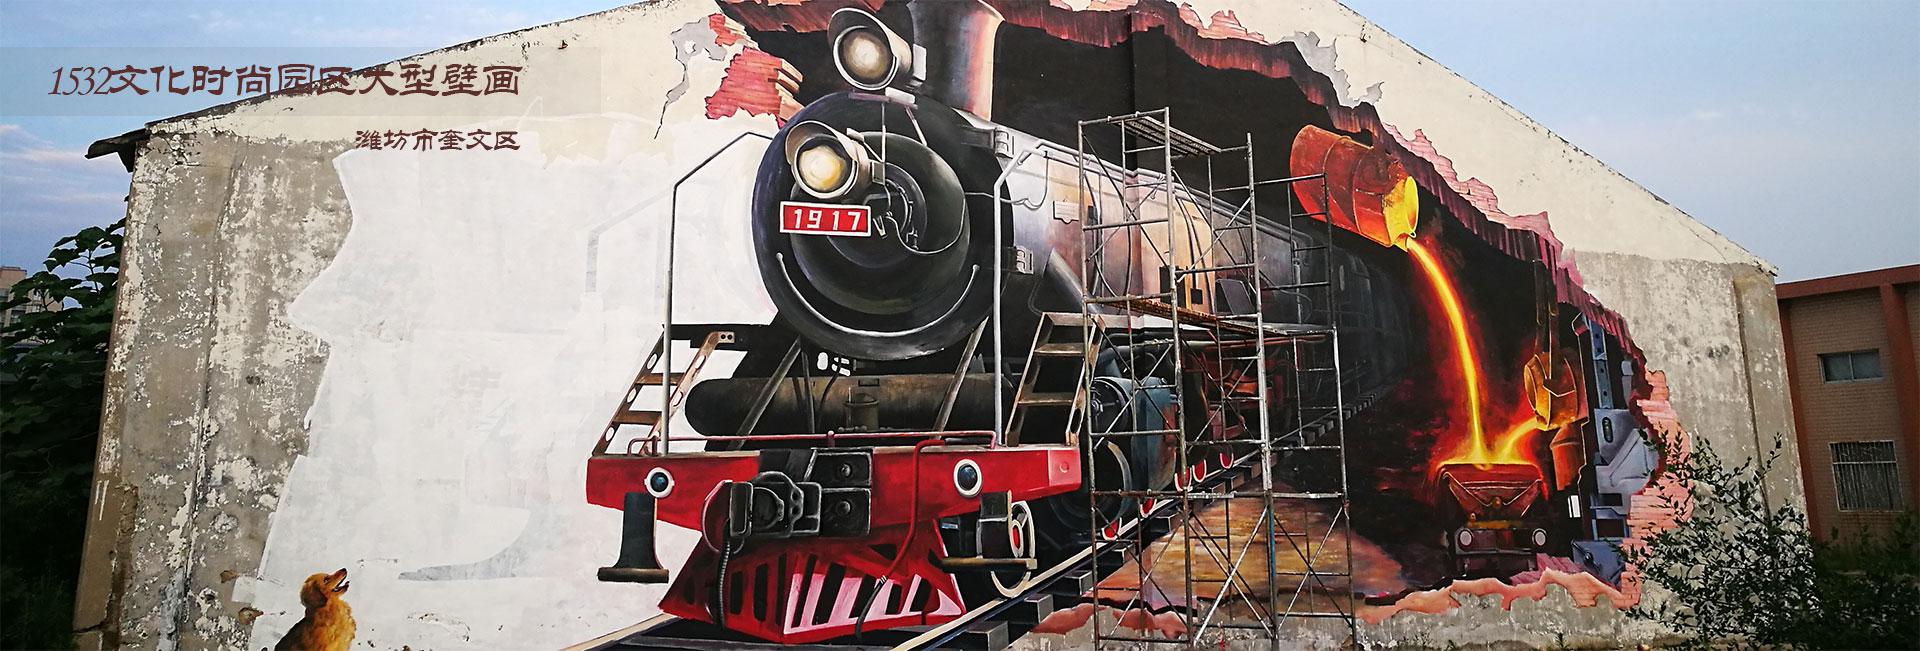 手绘壁画公司